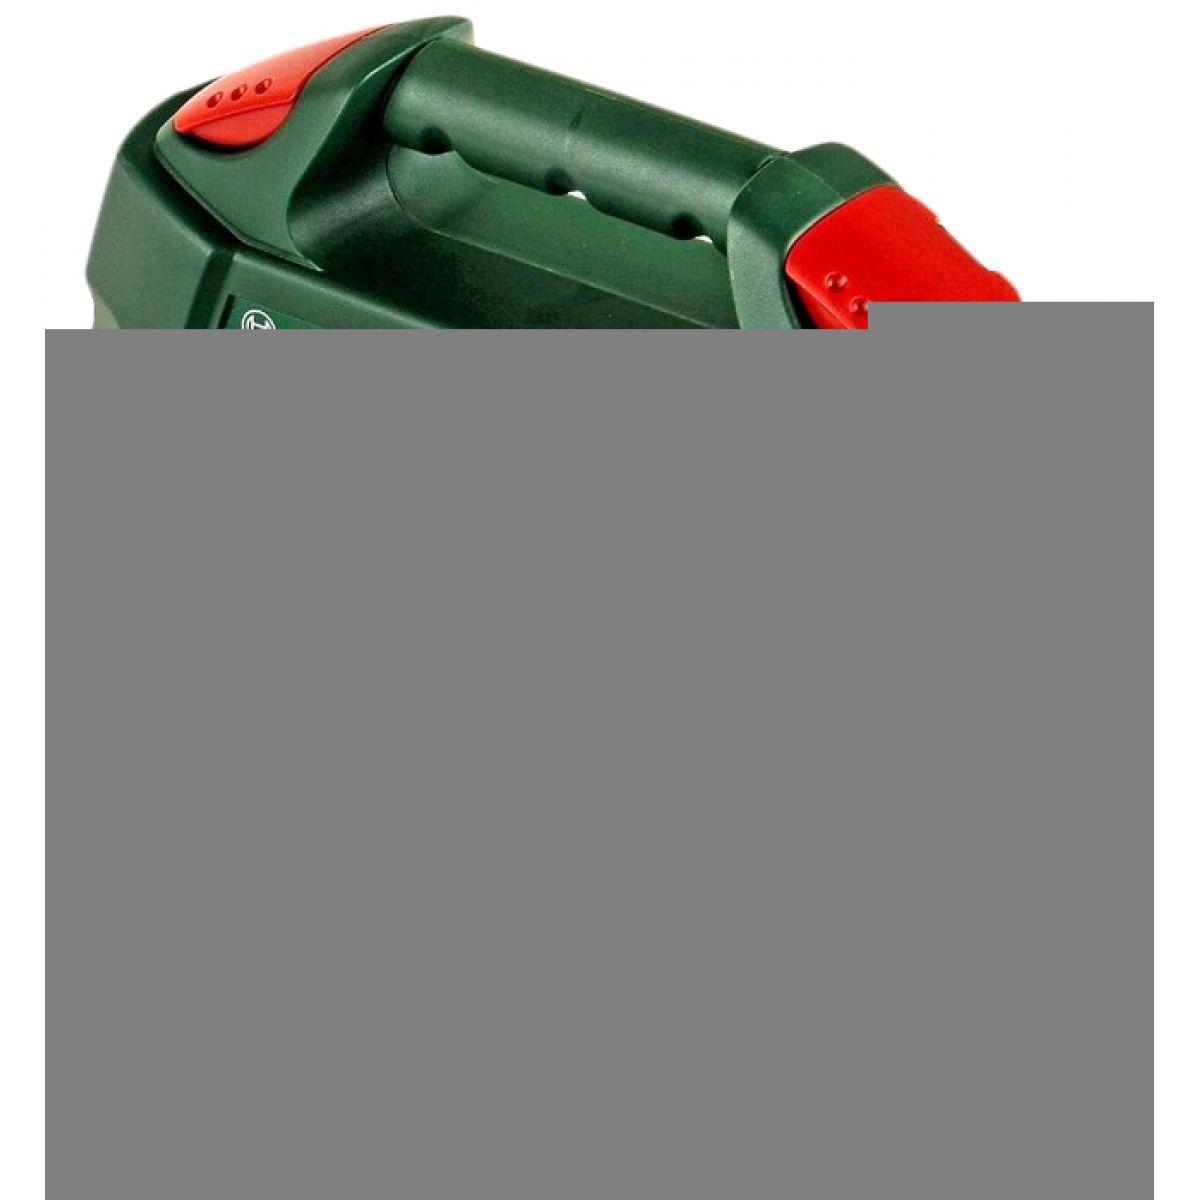 Pracovní kufřík s nářadím a aku - šroubovákem (Klein 8384)